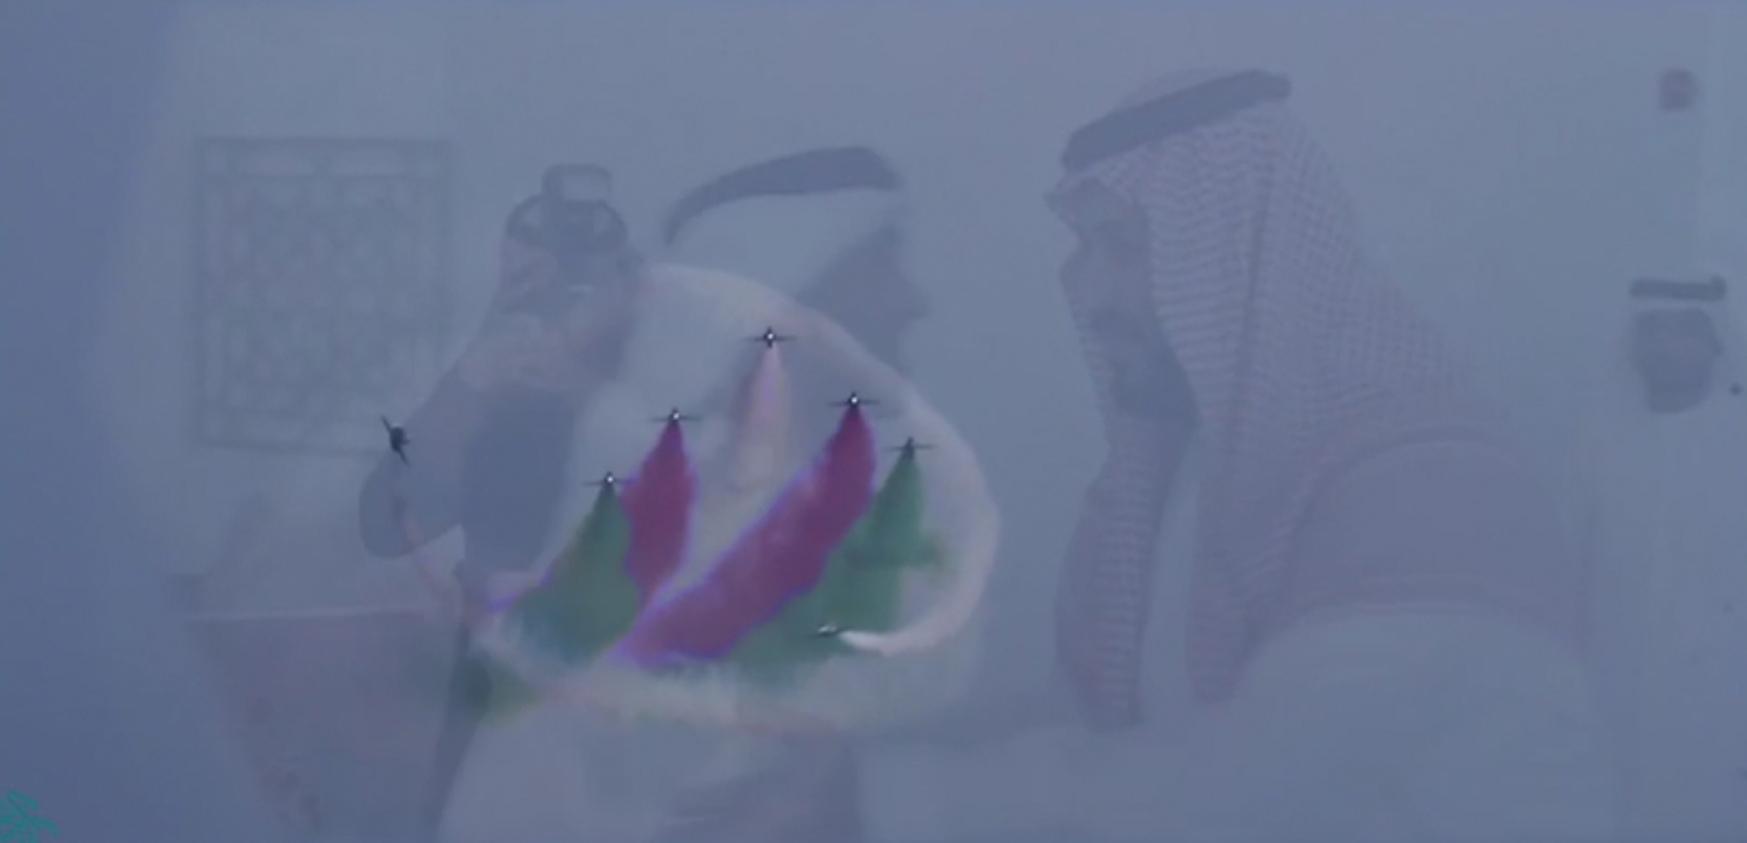 العرض الجوي للقوات الجوية الملكية السعودية بمناسبة اليوم الوطني الـ 88